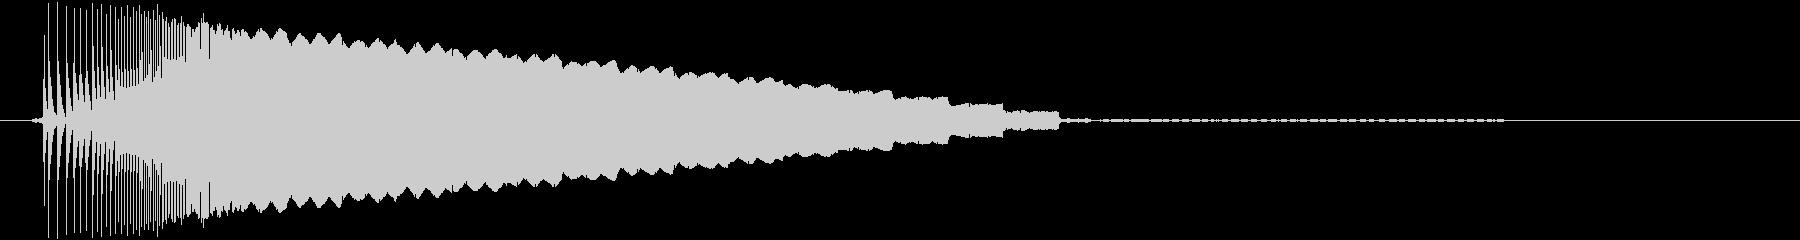 【ゲームボーイ/スタート、ピコーン】の未再生の波形